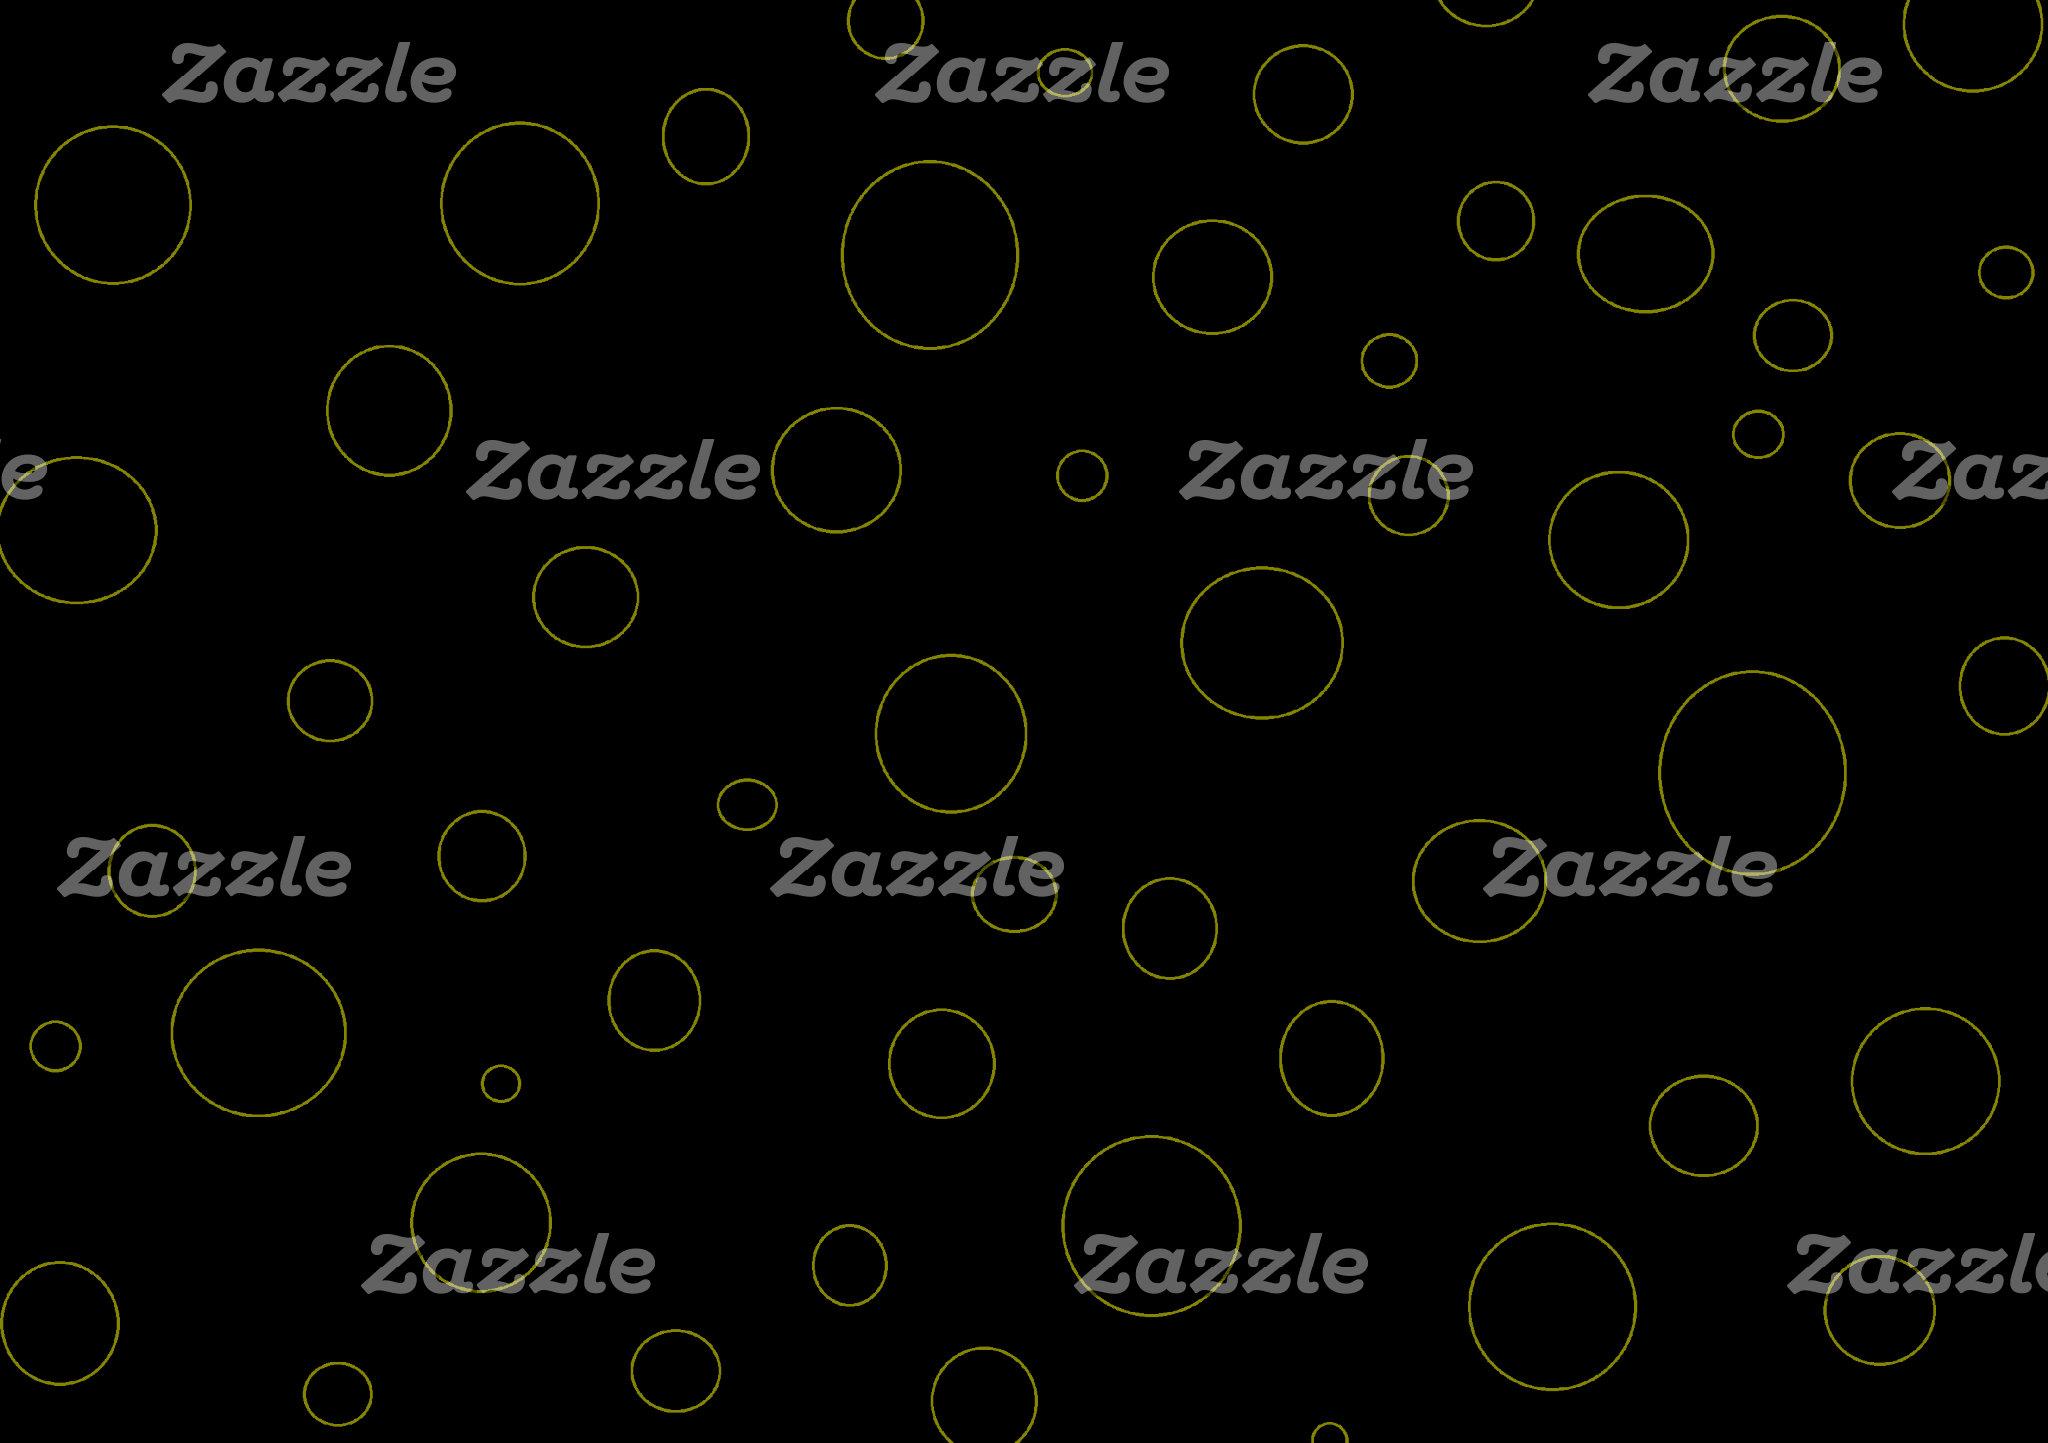 Black Bubbles